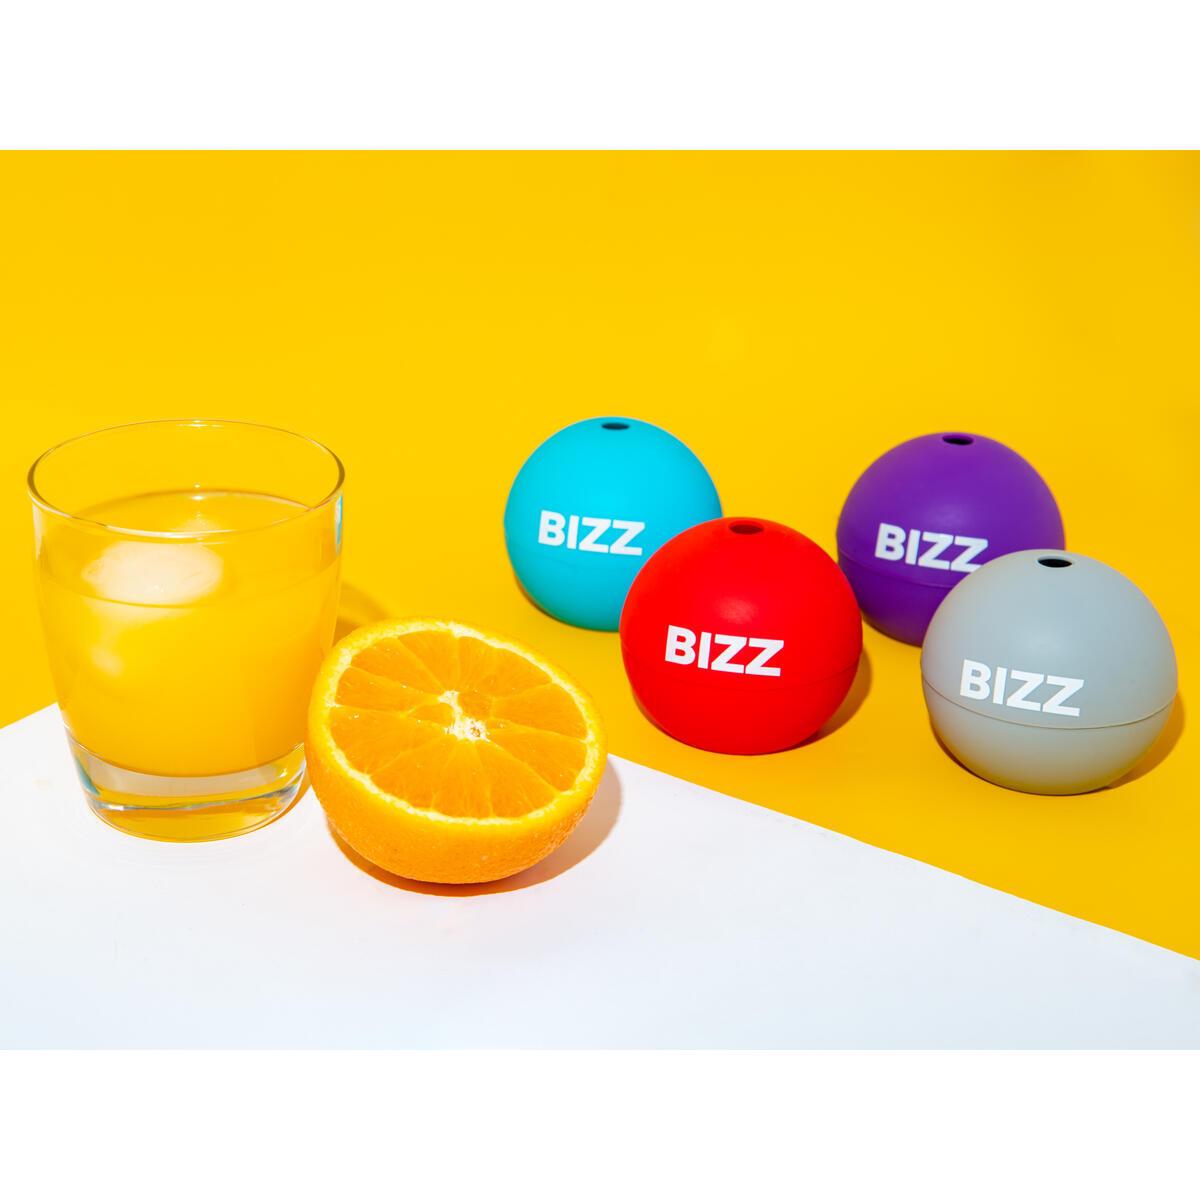 Round Ice Cubes - 4 Ice Spheres